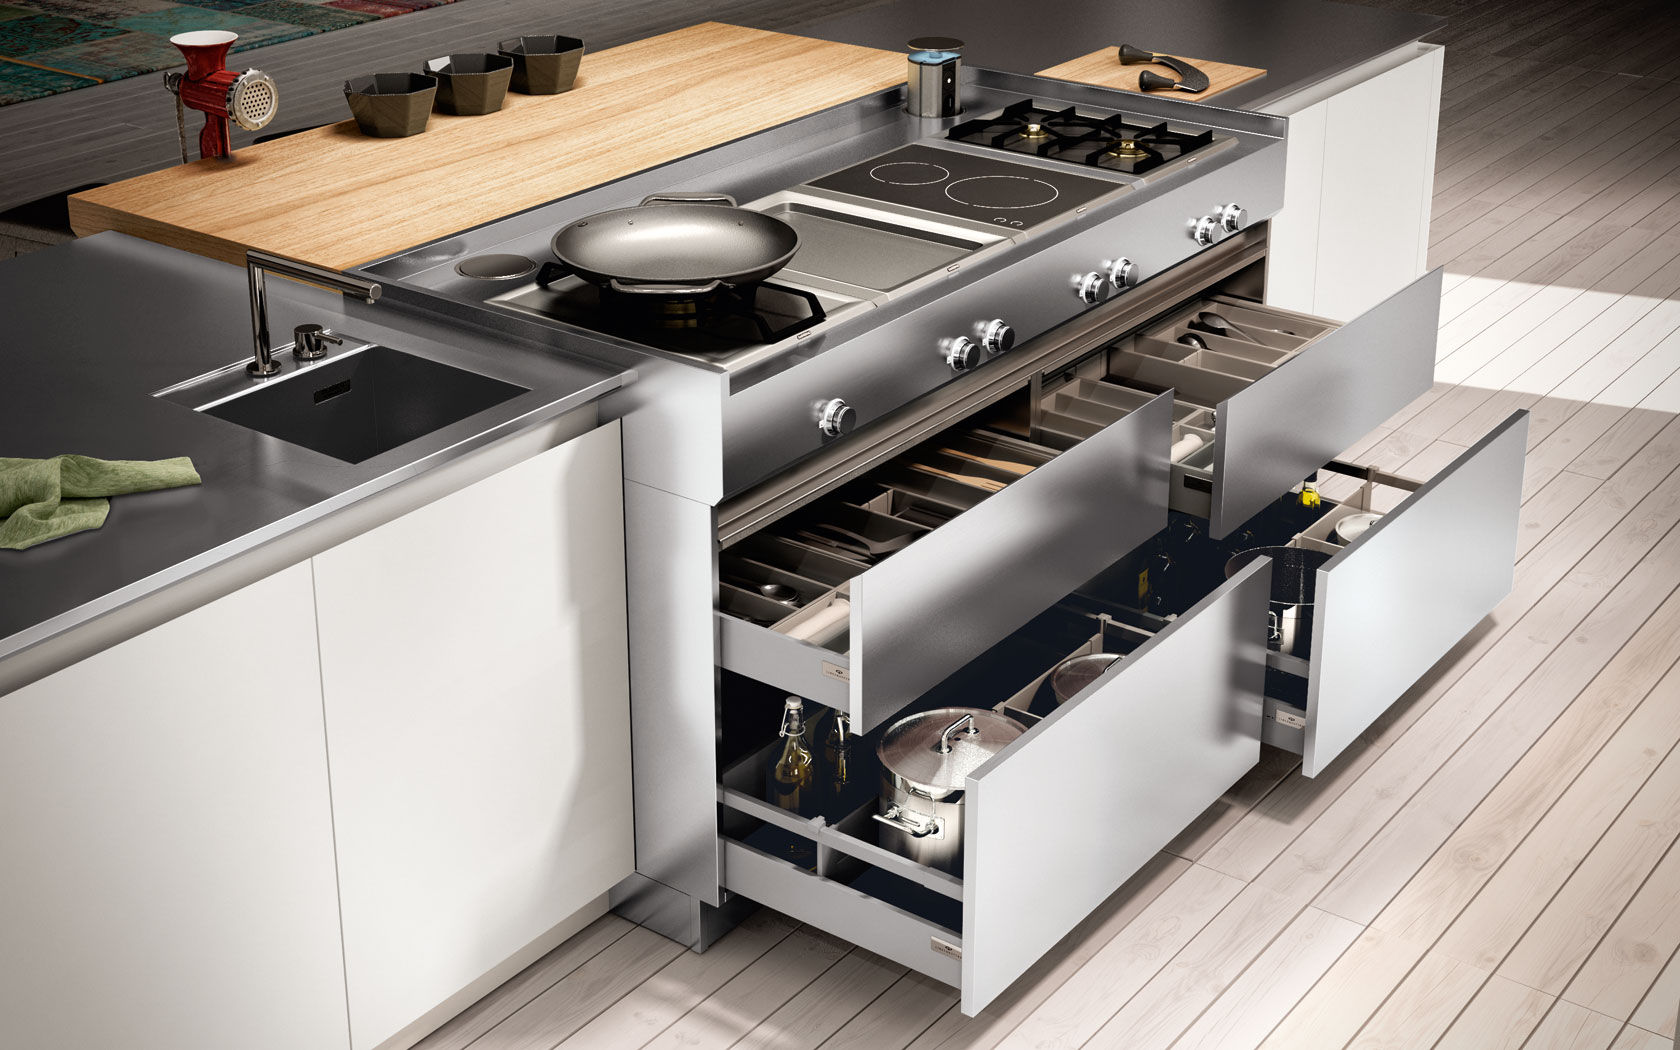 Cassetto da cucina - AMBRA - Lineaquattro